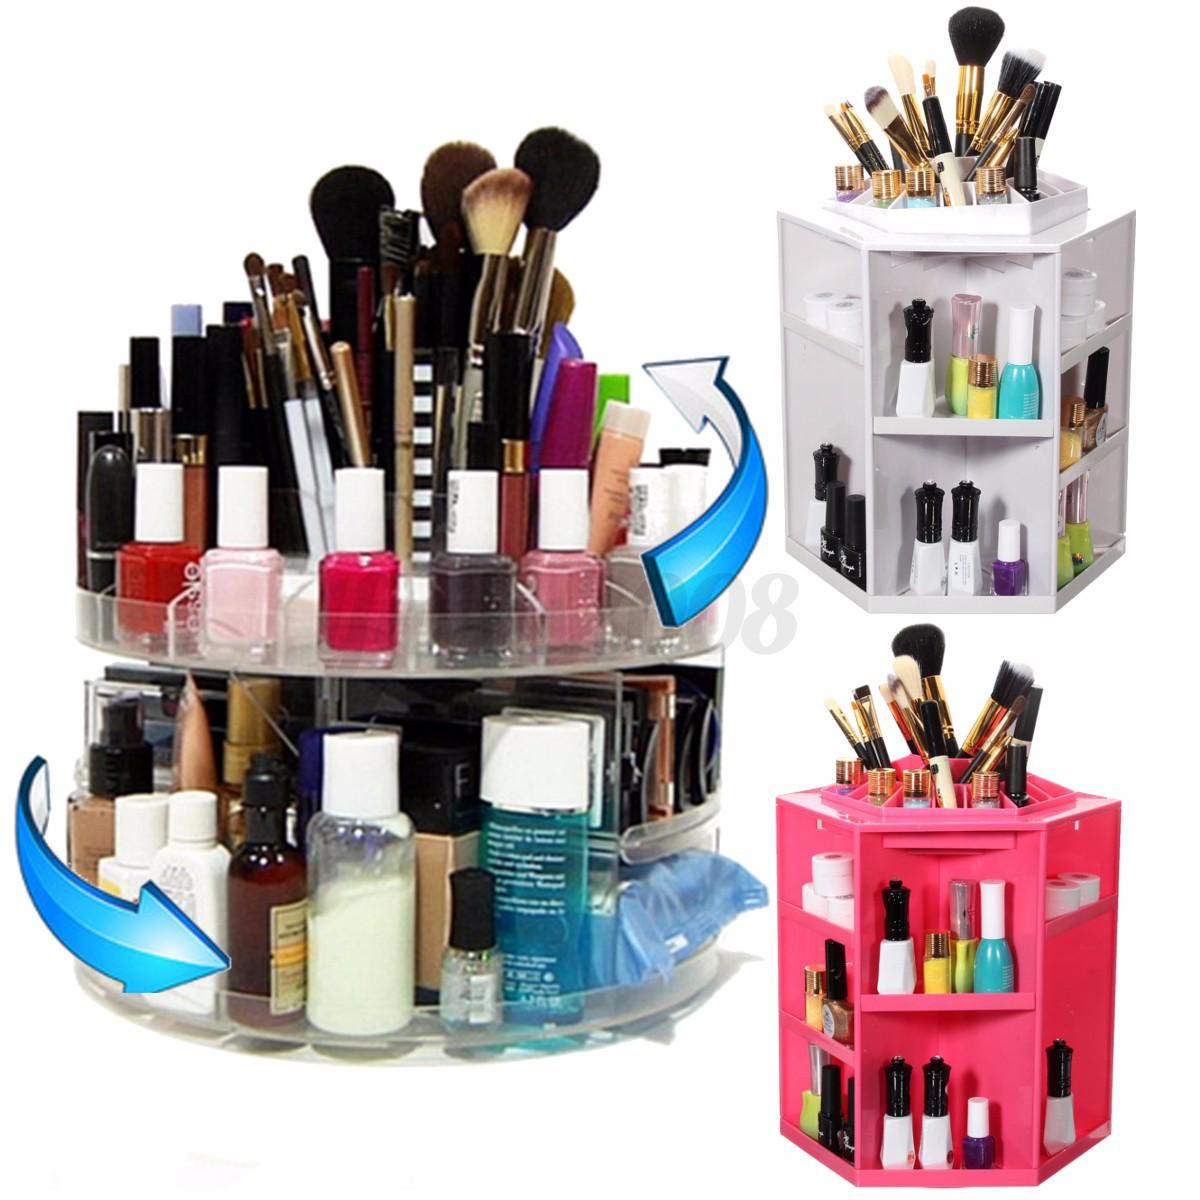 Acrylique bo te pr sentoir de maquillage rangement rond - Organisateur de maquillage ...